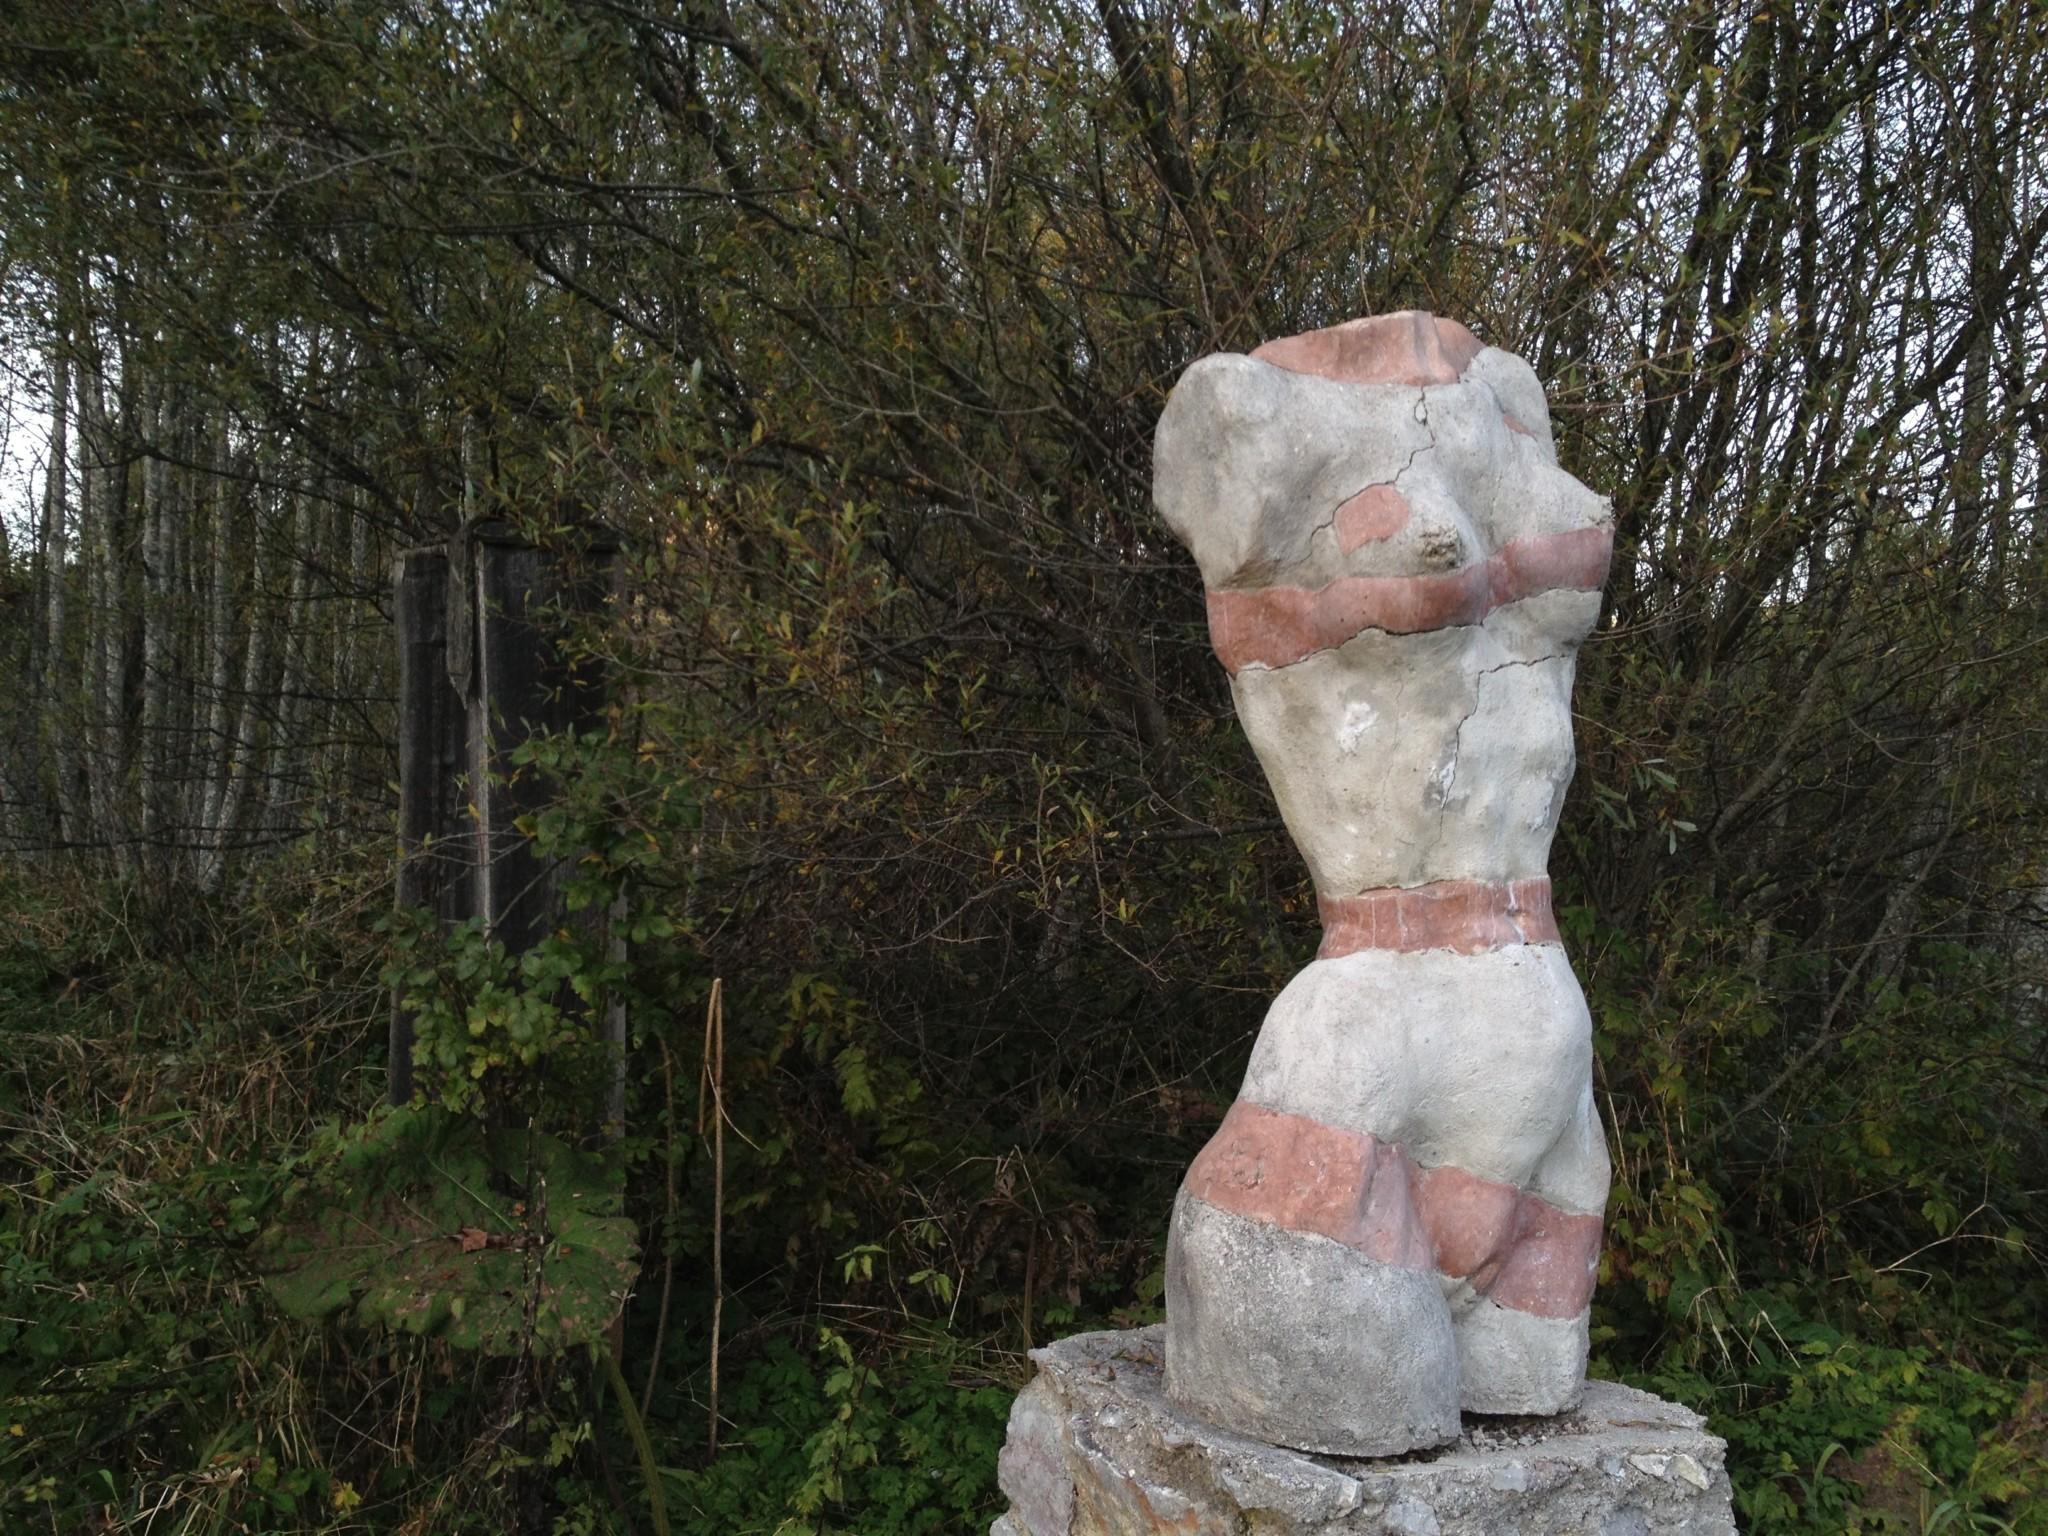 Stein-Skulptur einer nackten Frau ohne Kopf, Arme und Beine